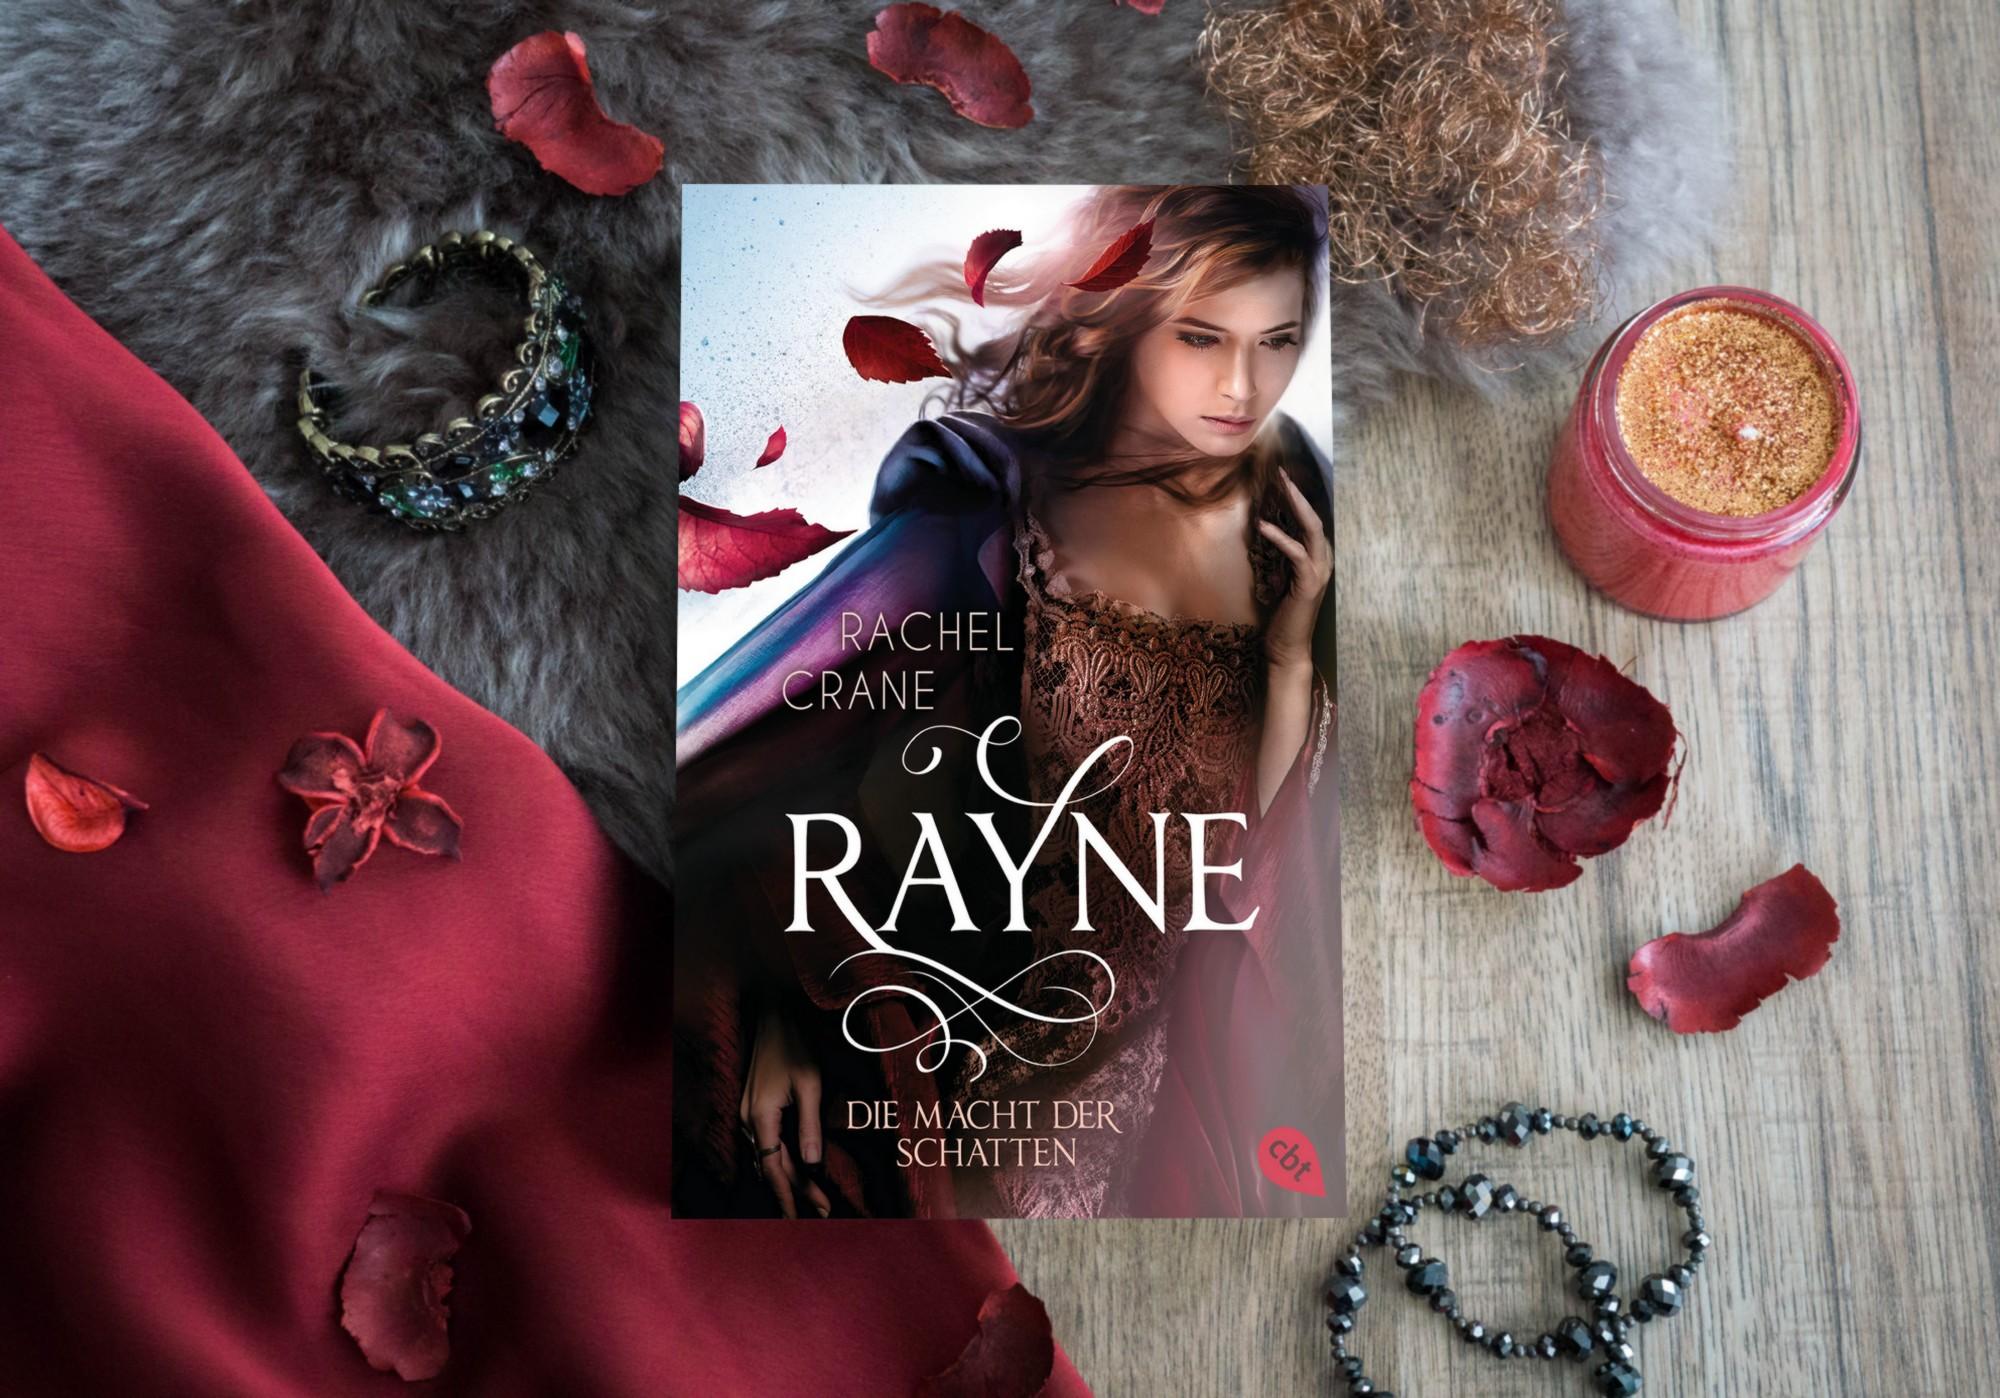 Rayne: Die Macht der Schatten – Rachel Crane graphic